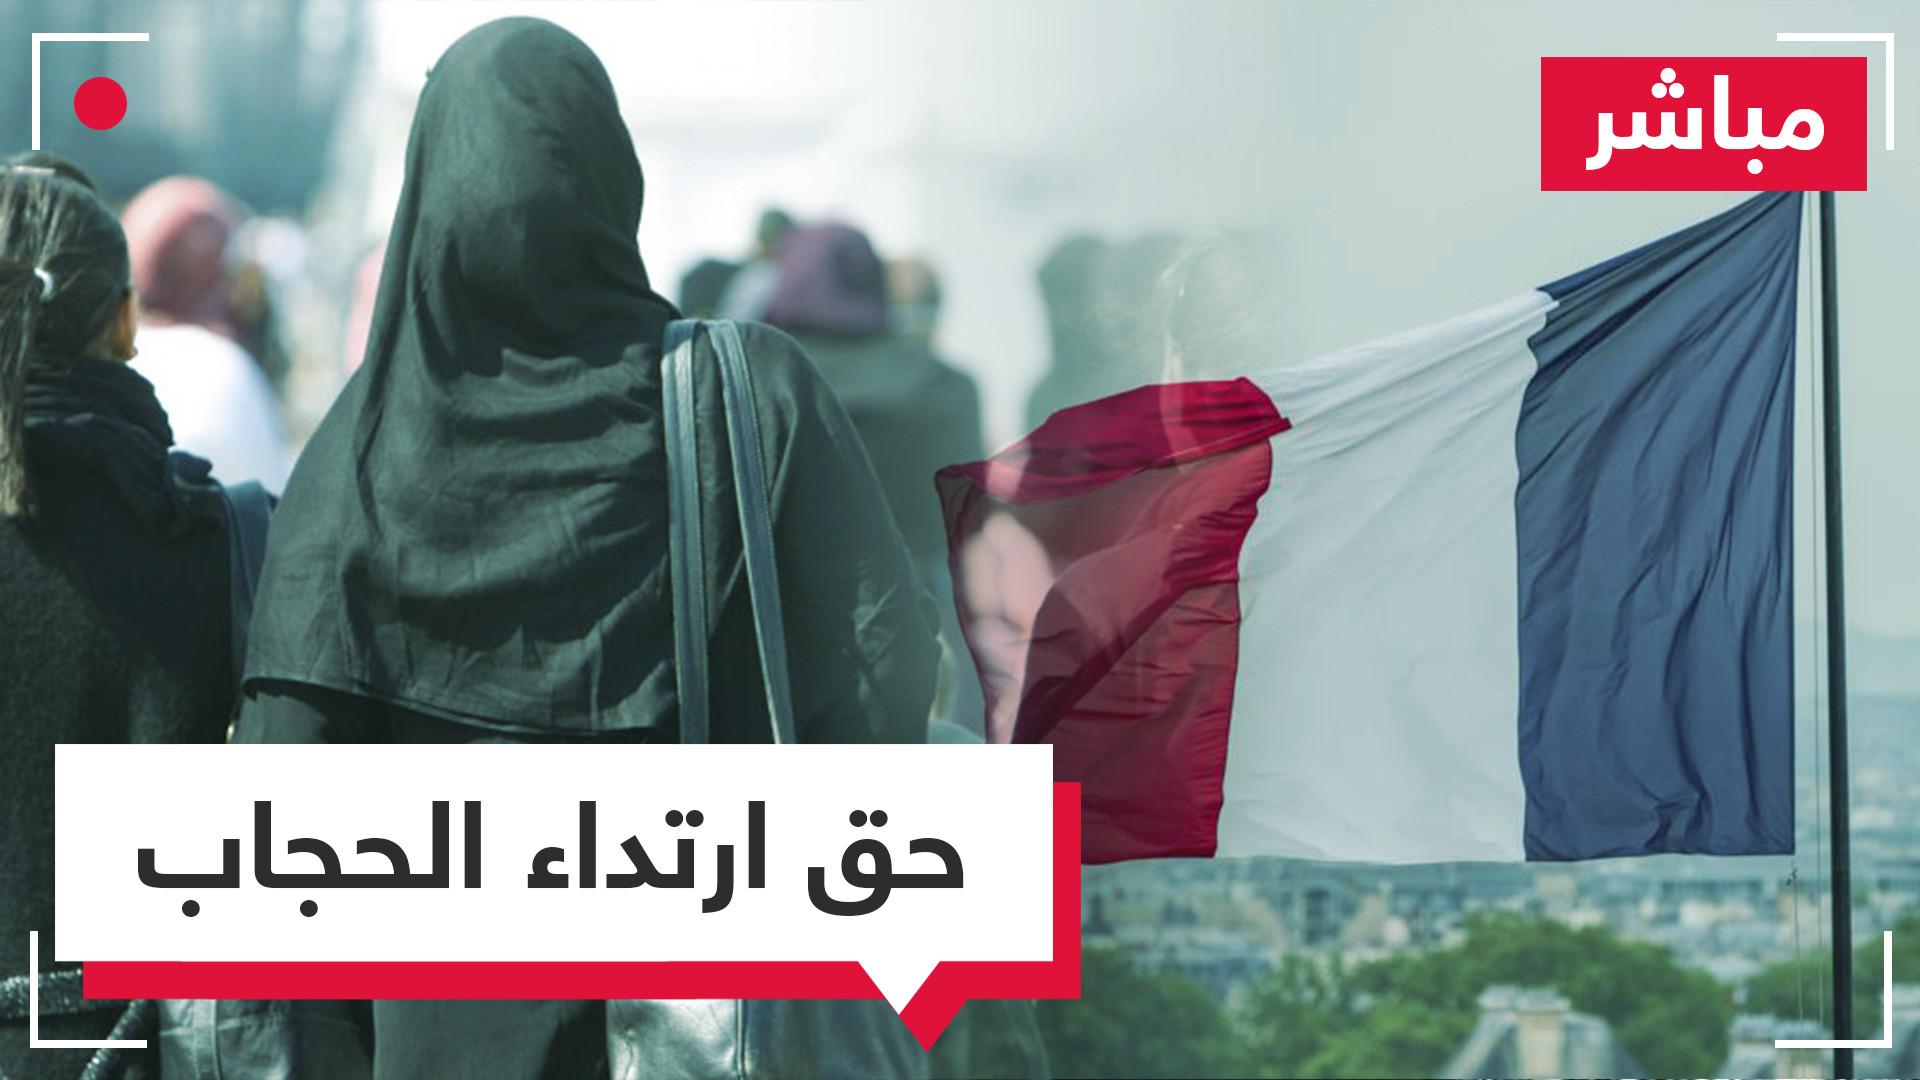 أخيرا وبعد 11 سنة.. محكمة فرنسية تقر حق ارتداء الحجاب في العمل